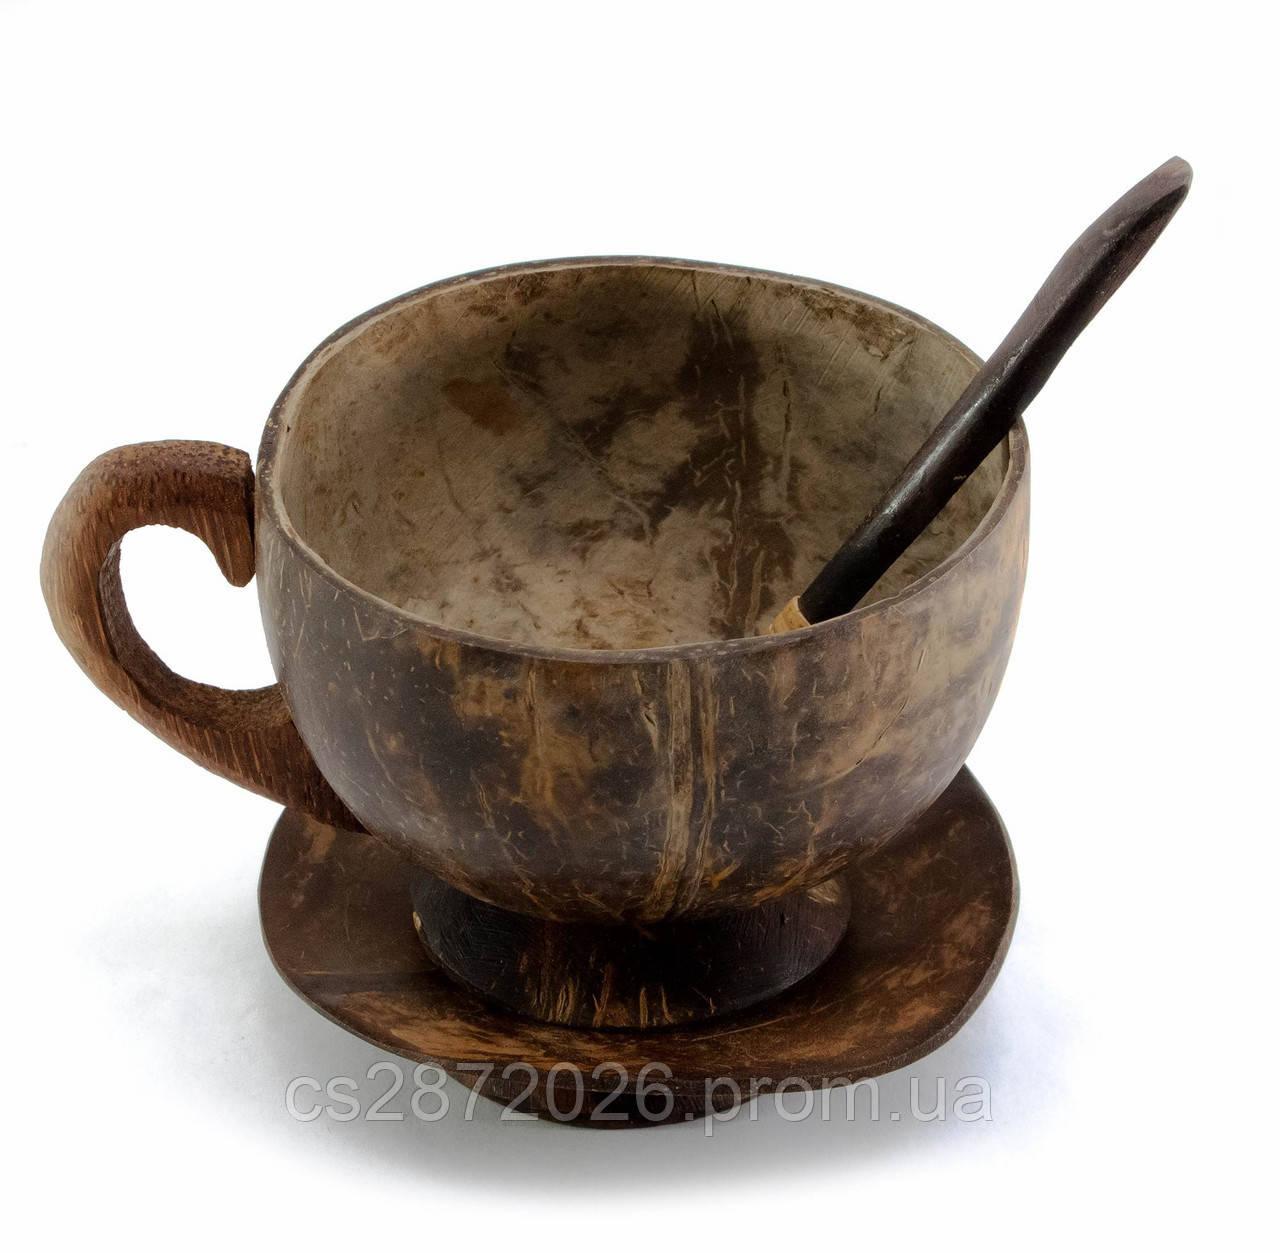 Чашка с блюдцем и ложкой из кокоса